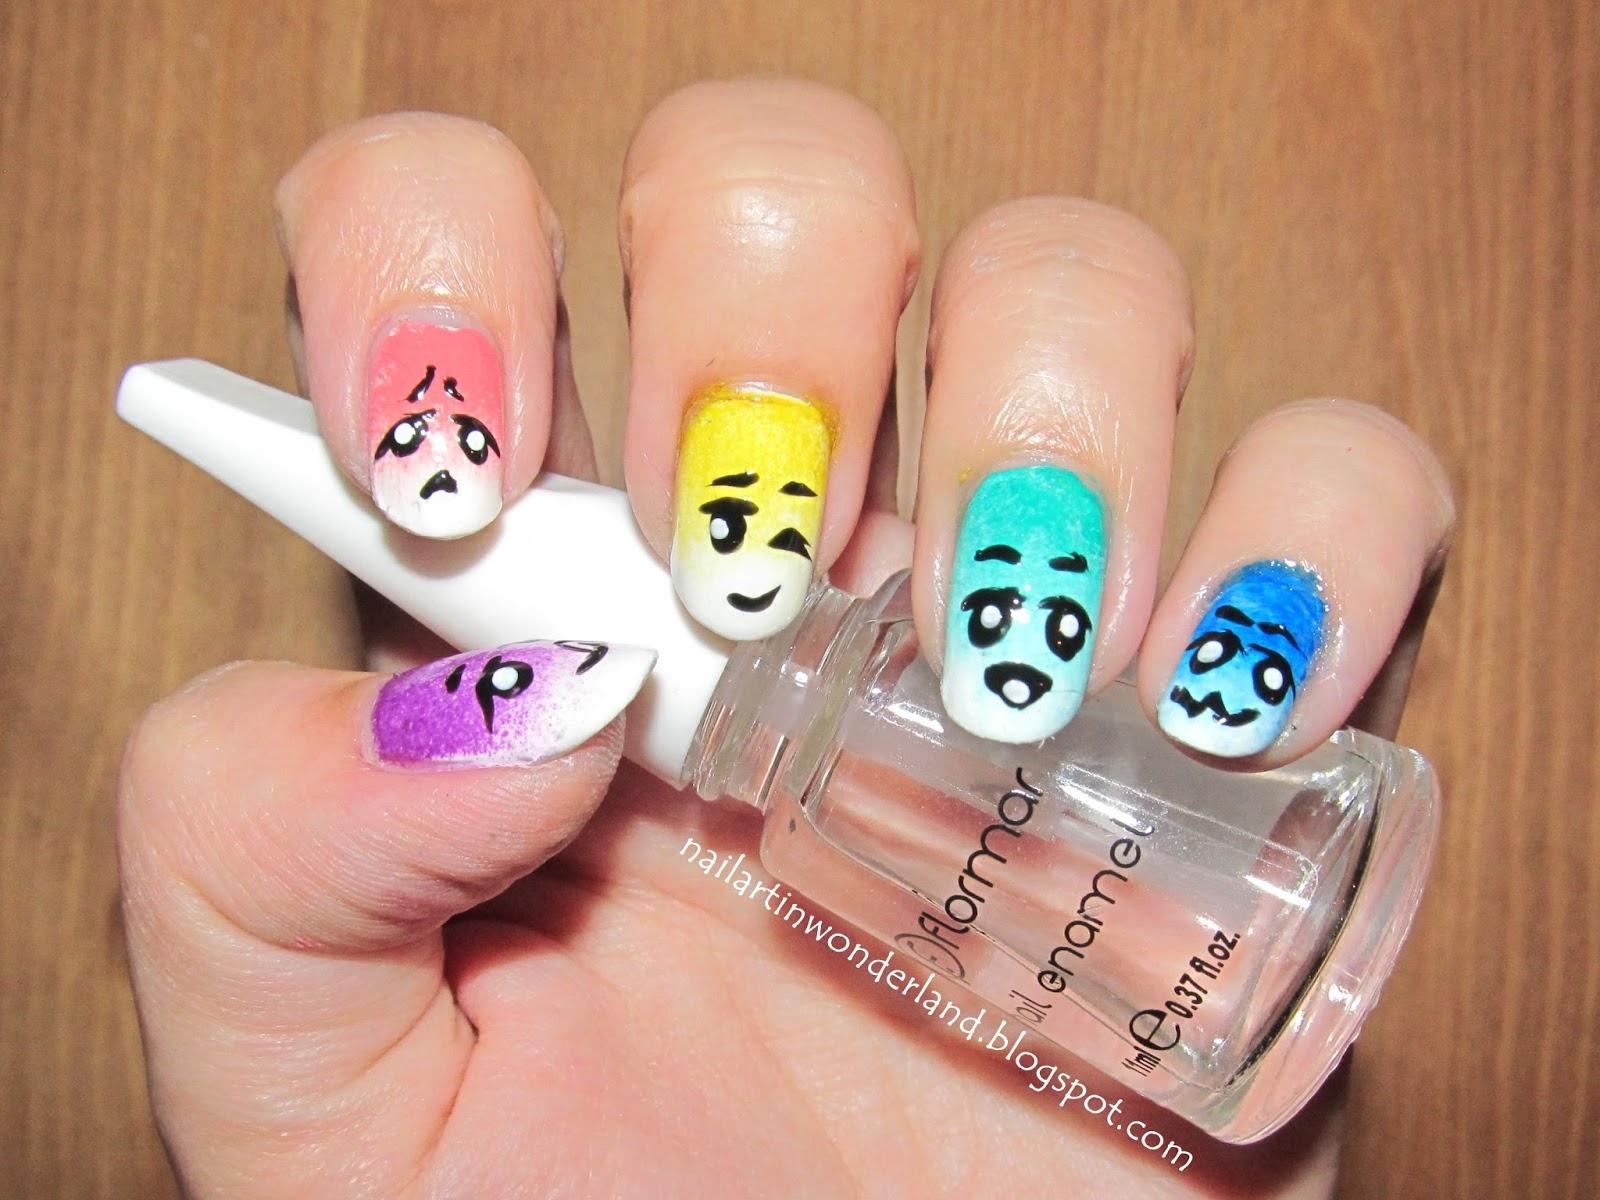 Yüz ifadeleri / Facial expressions nail art: Inspired by Eva Rose Paris Nail Polish